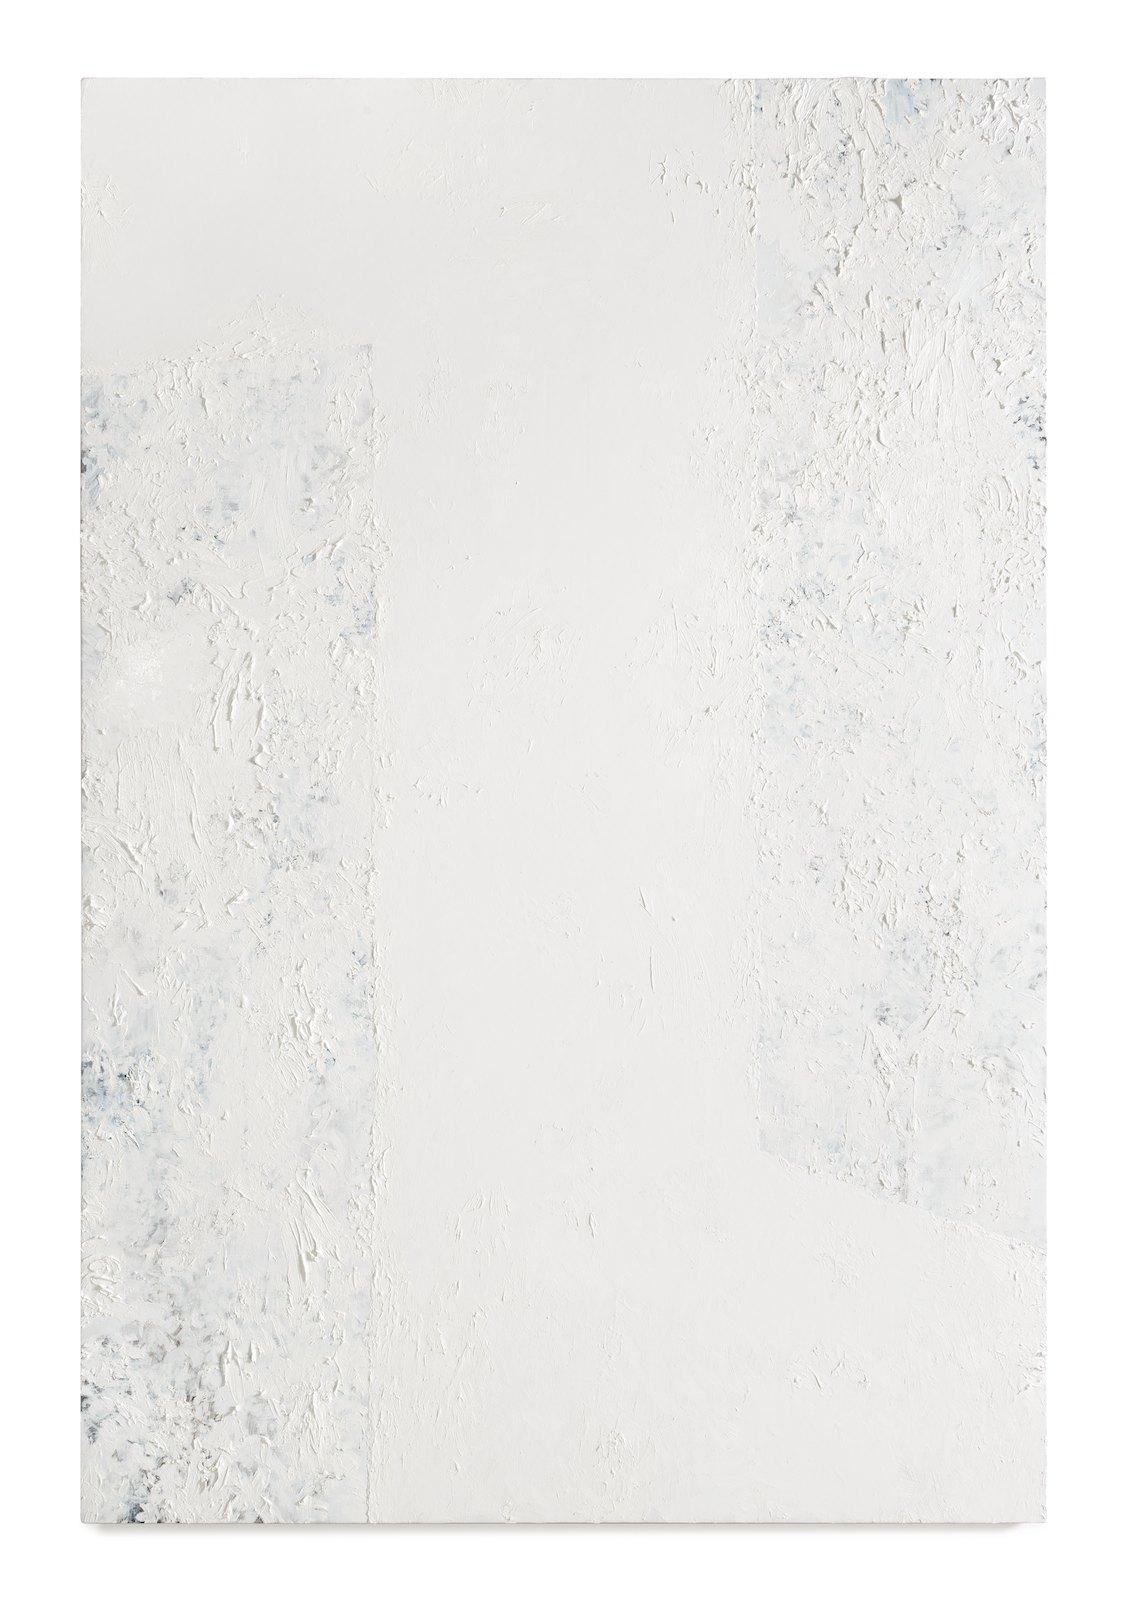 Viktor Kopp, Two Corners White, 2014, oil on canvas, 183 x 122 cm